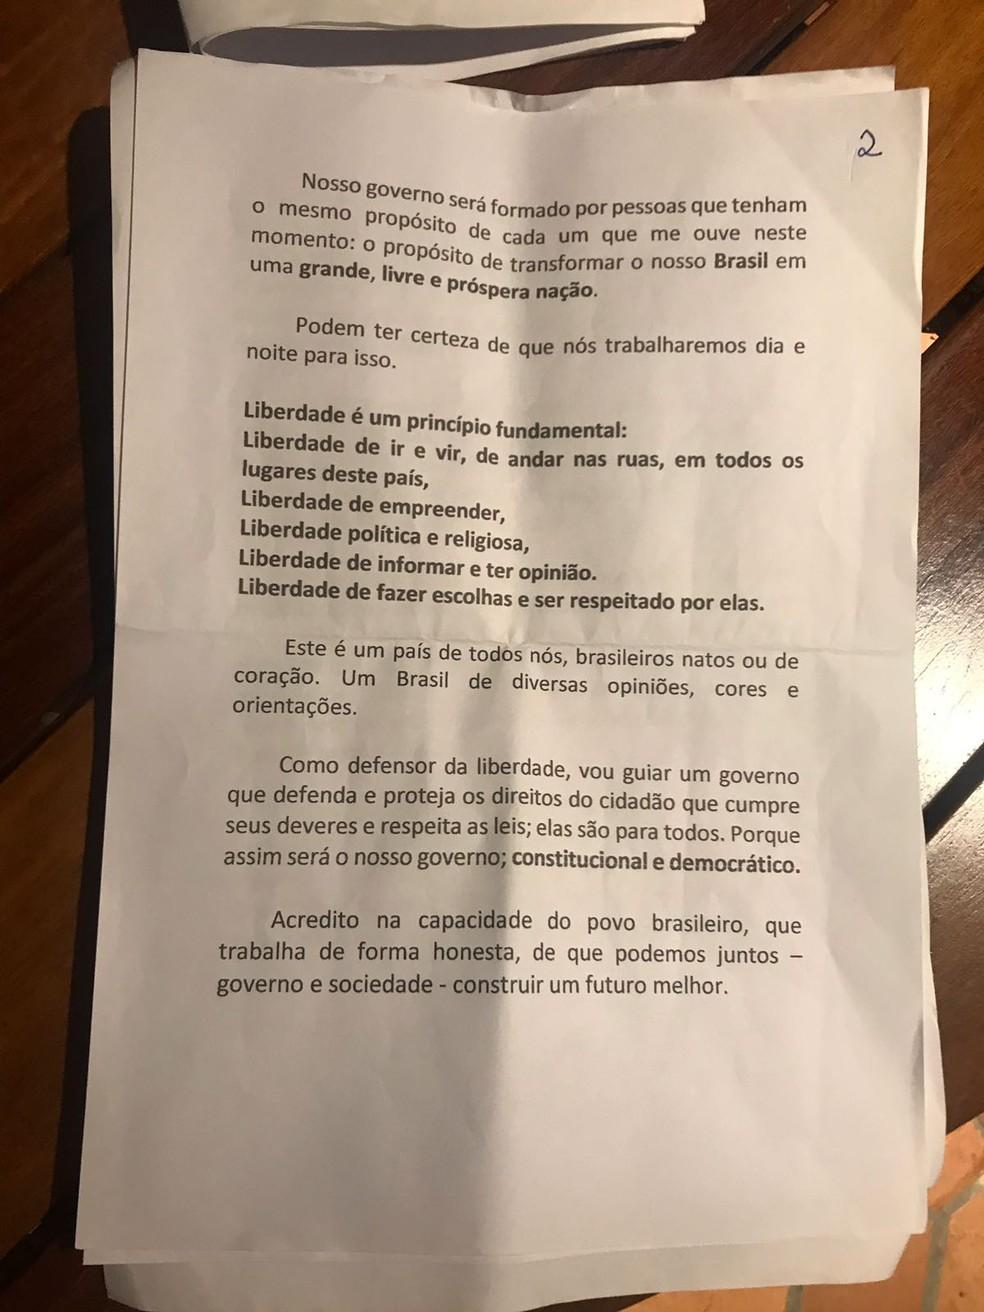 Discurso de Bolsonaro  - página 2 — Foto: Reprodução